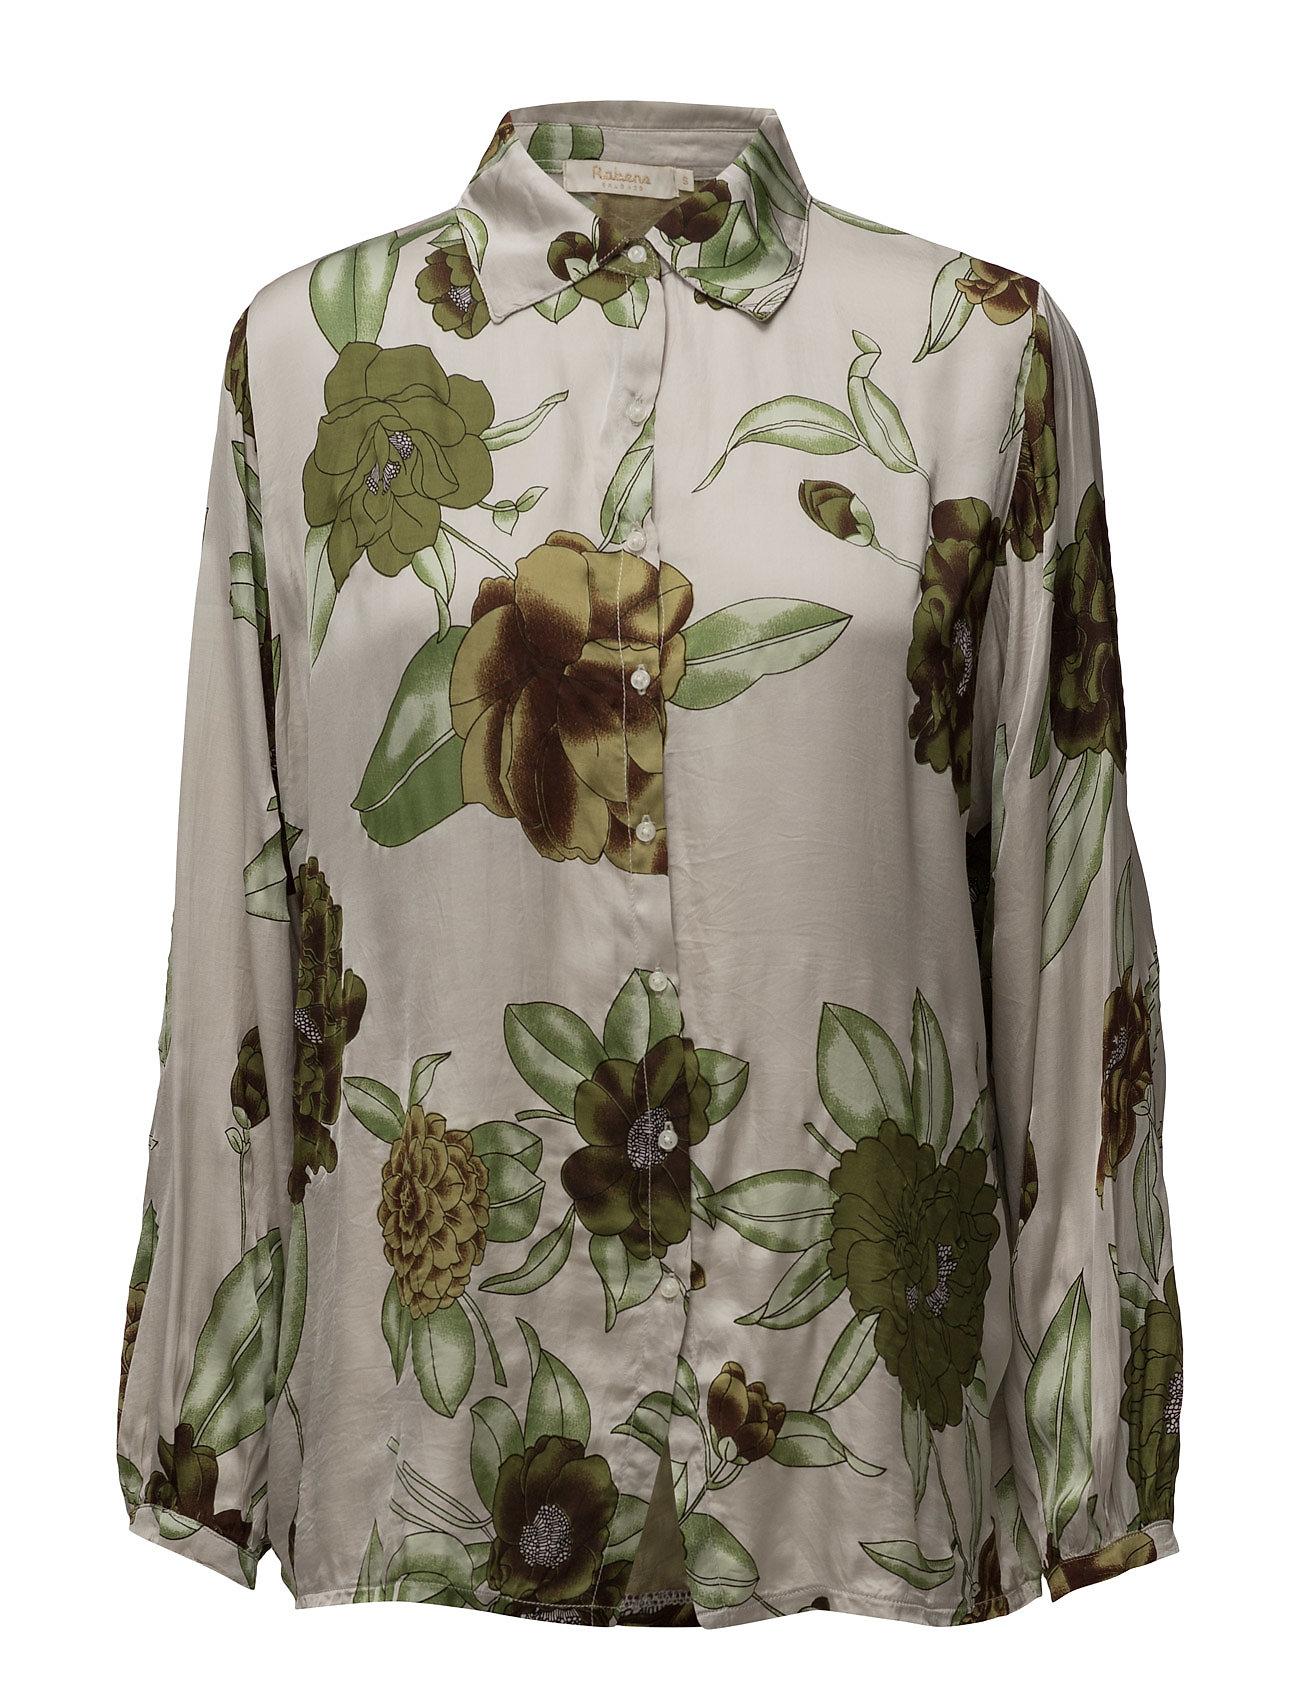 rabens saloner – Megaflower shirt fra boozt.com dk